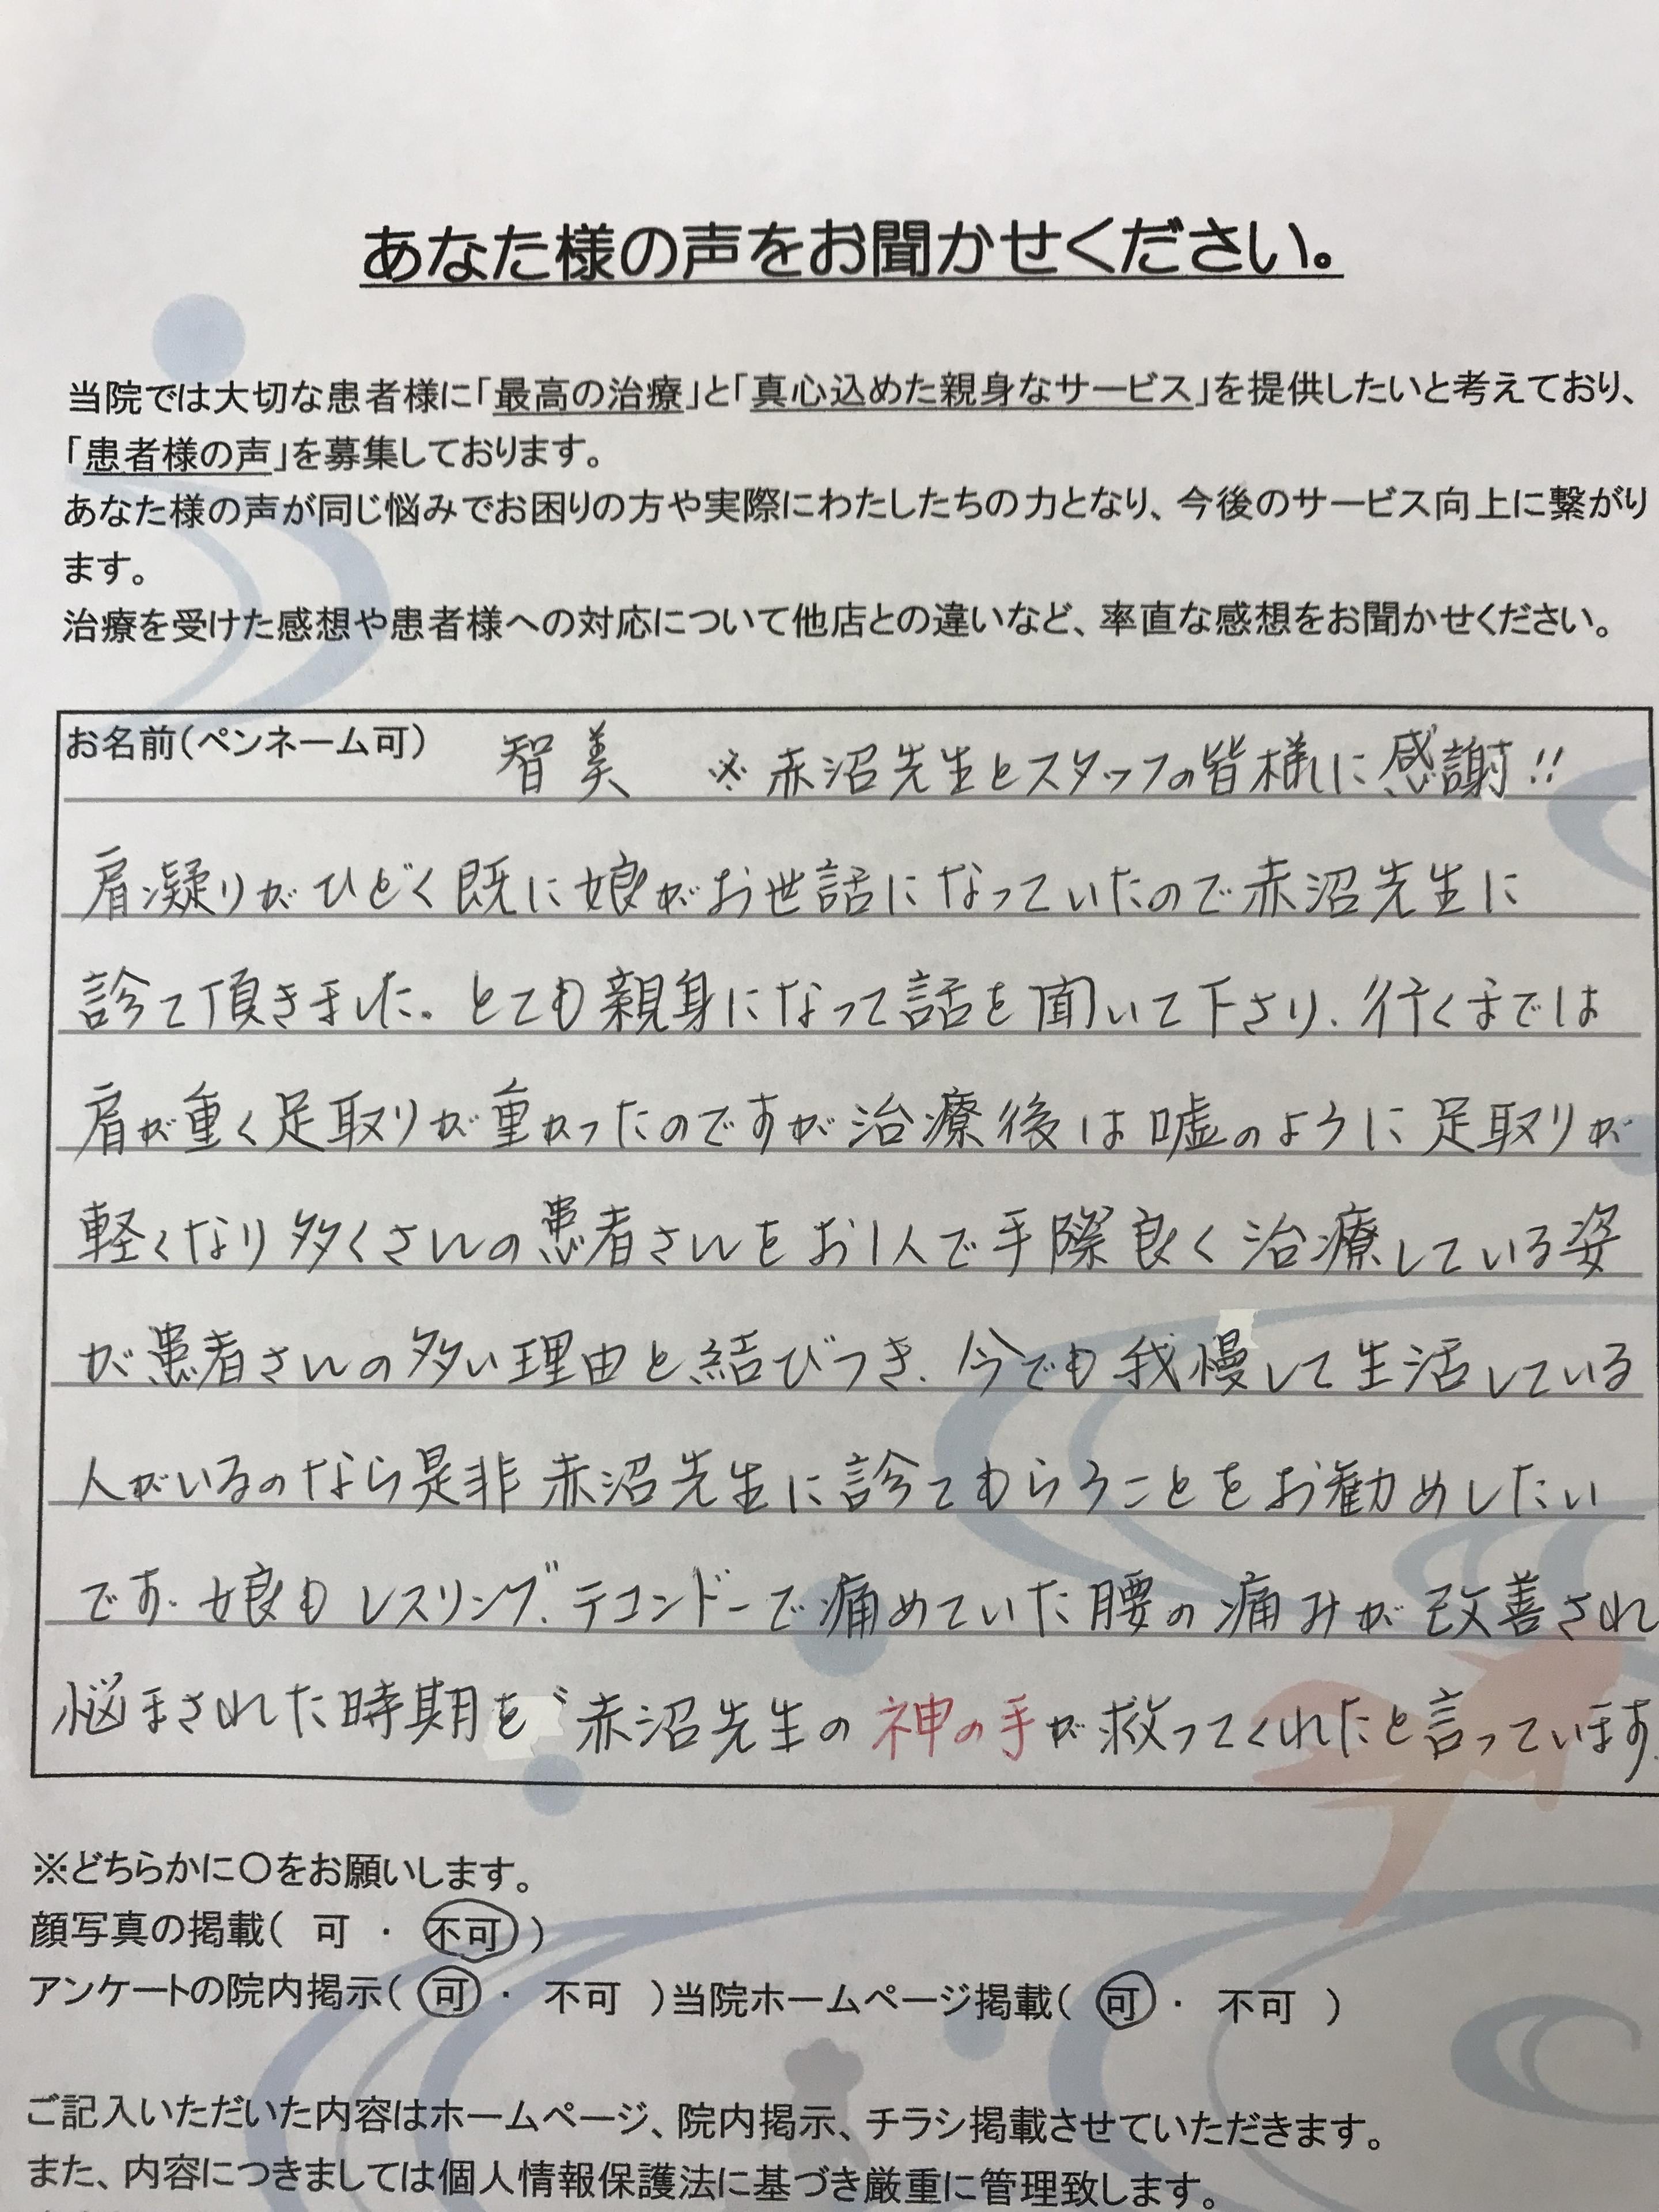 智美☆赤沼先生とスタッフの皆様に感謝!!